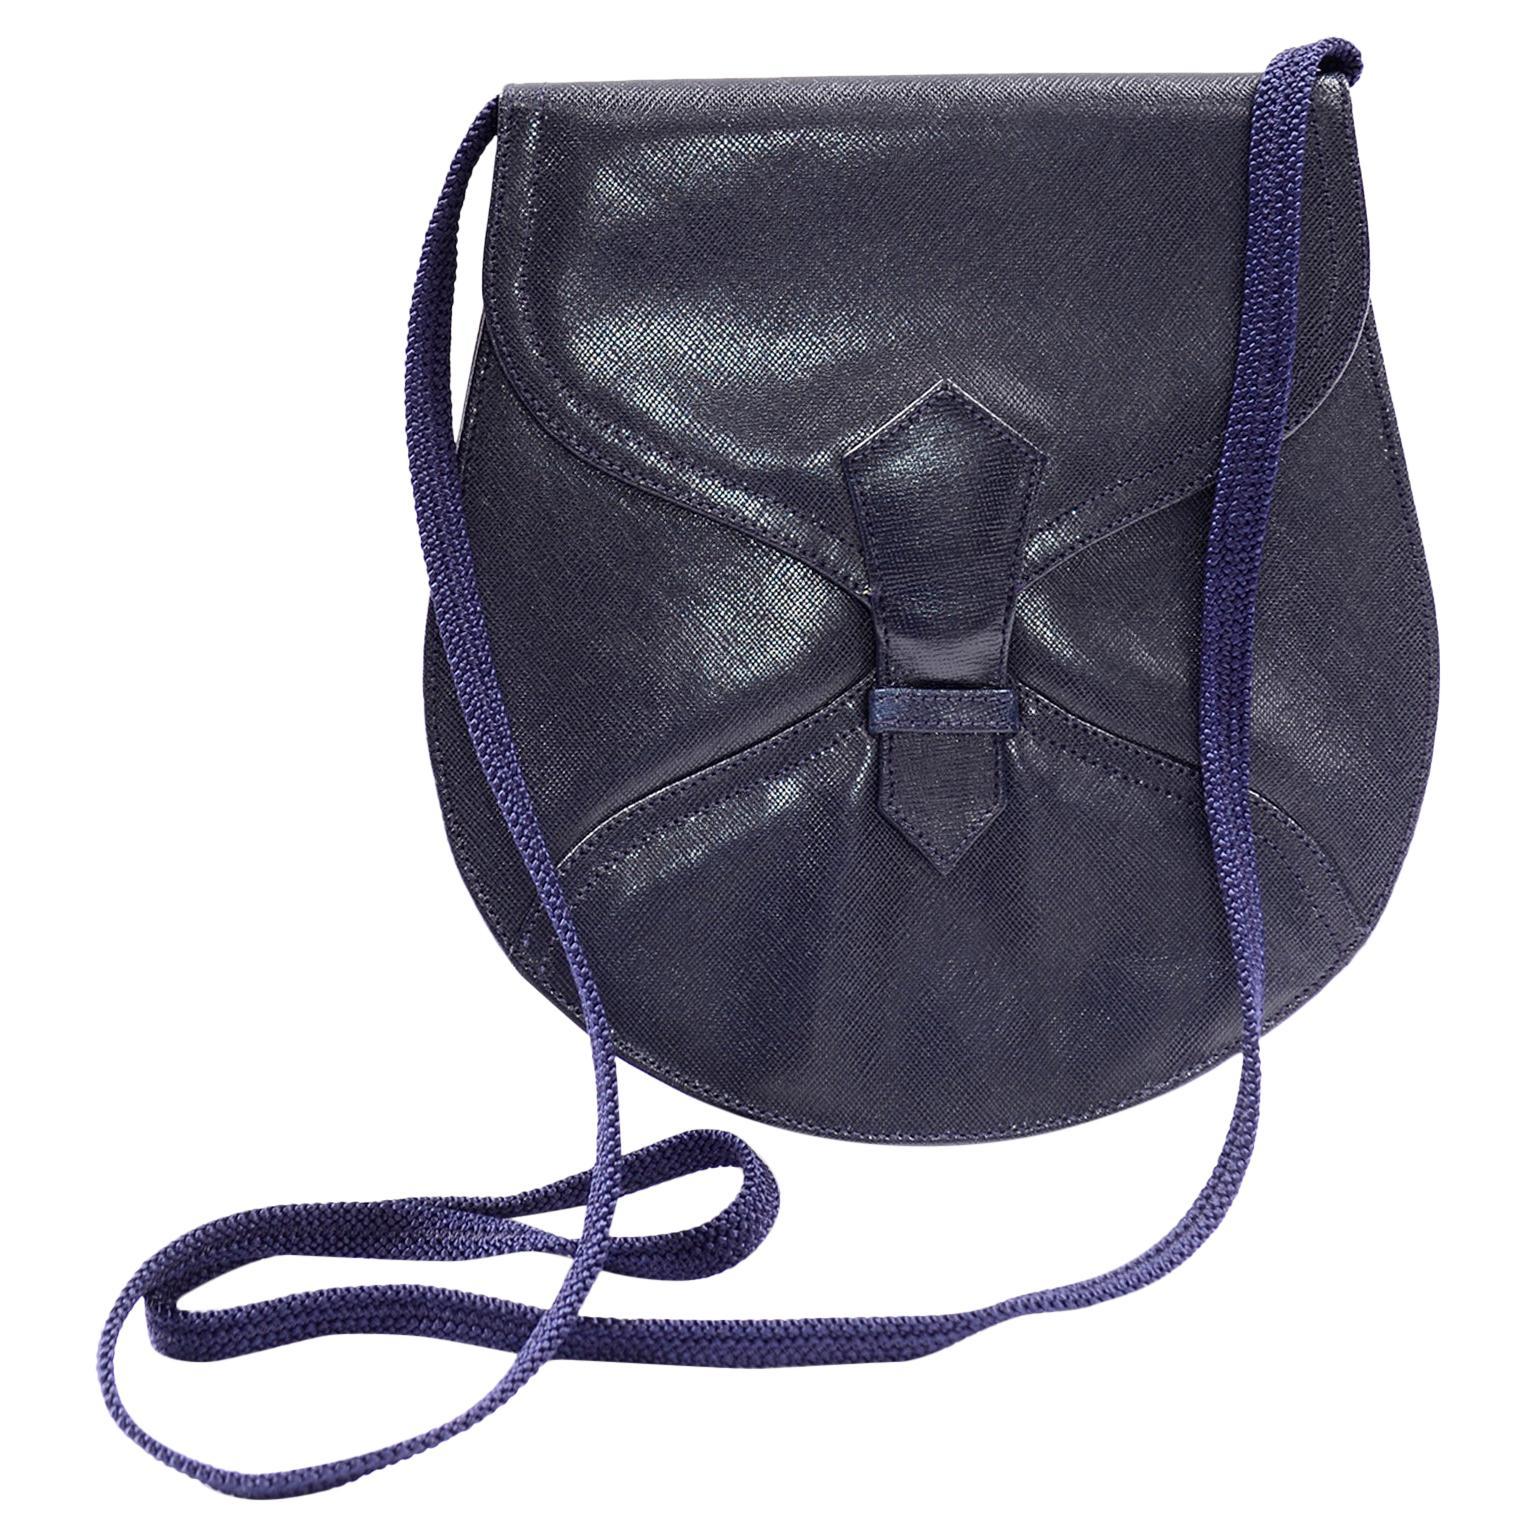 1970s Vintage Yves Saint Laurent Navy Blue Leather YSL Shoulder Bag